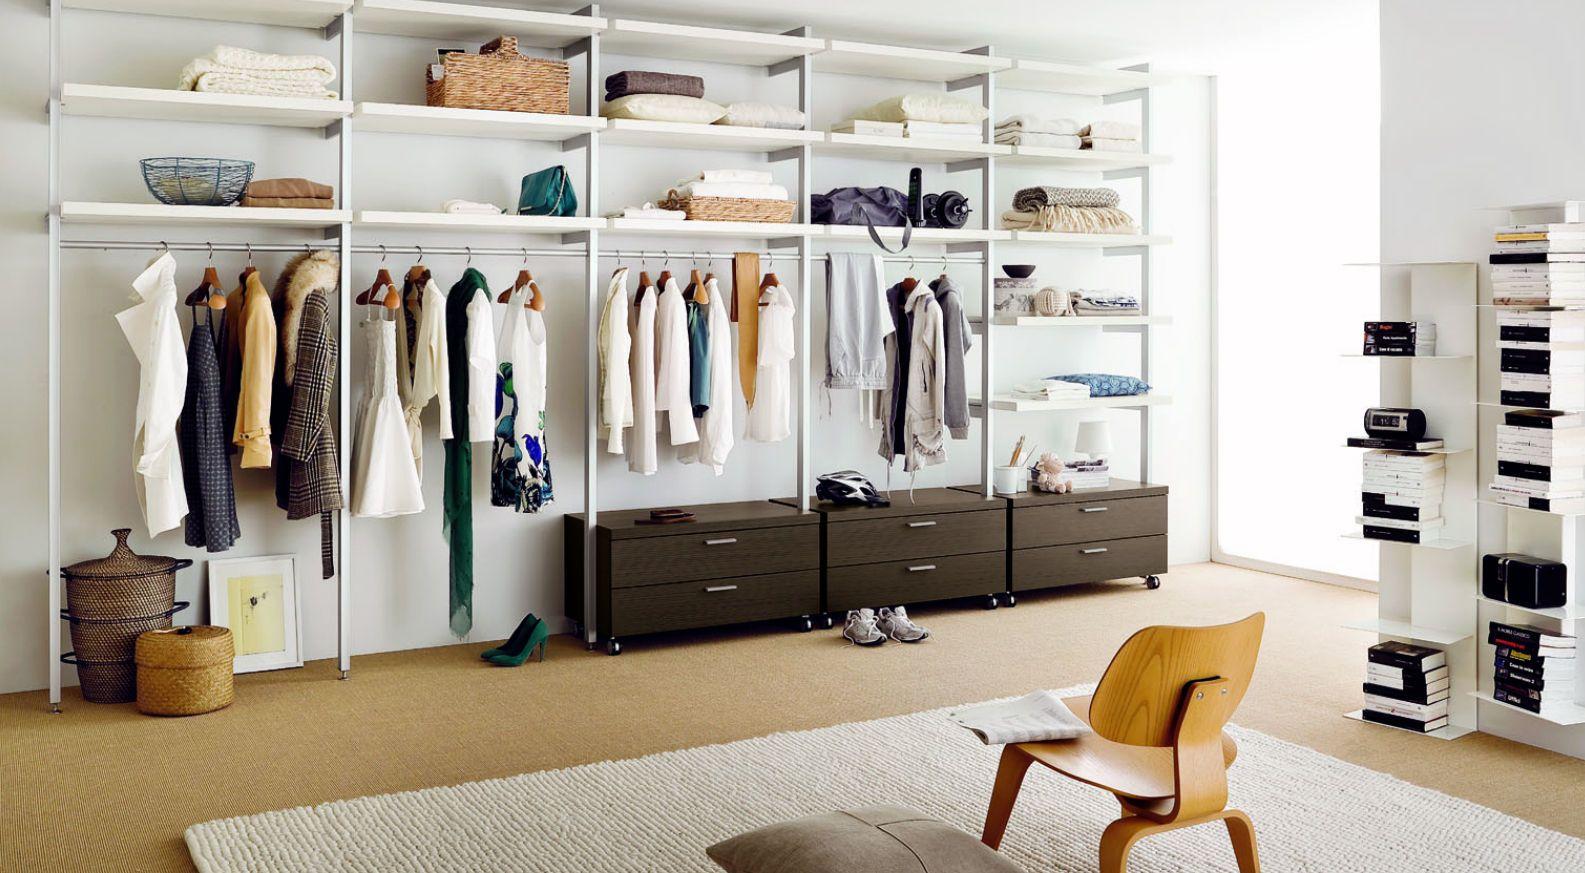 Offener kleiderschrank selber bauen  Begehbarer Kleiderschrank - KLOSET K01 - md house | begehbarer ...